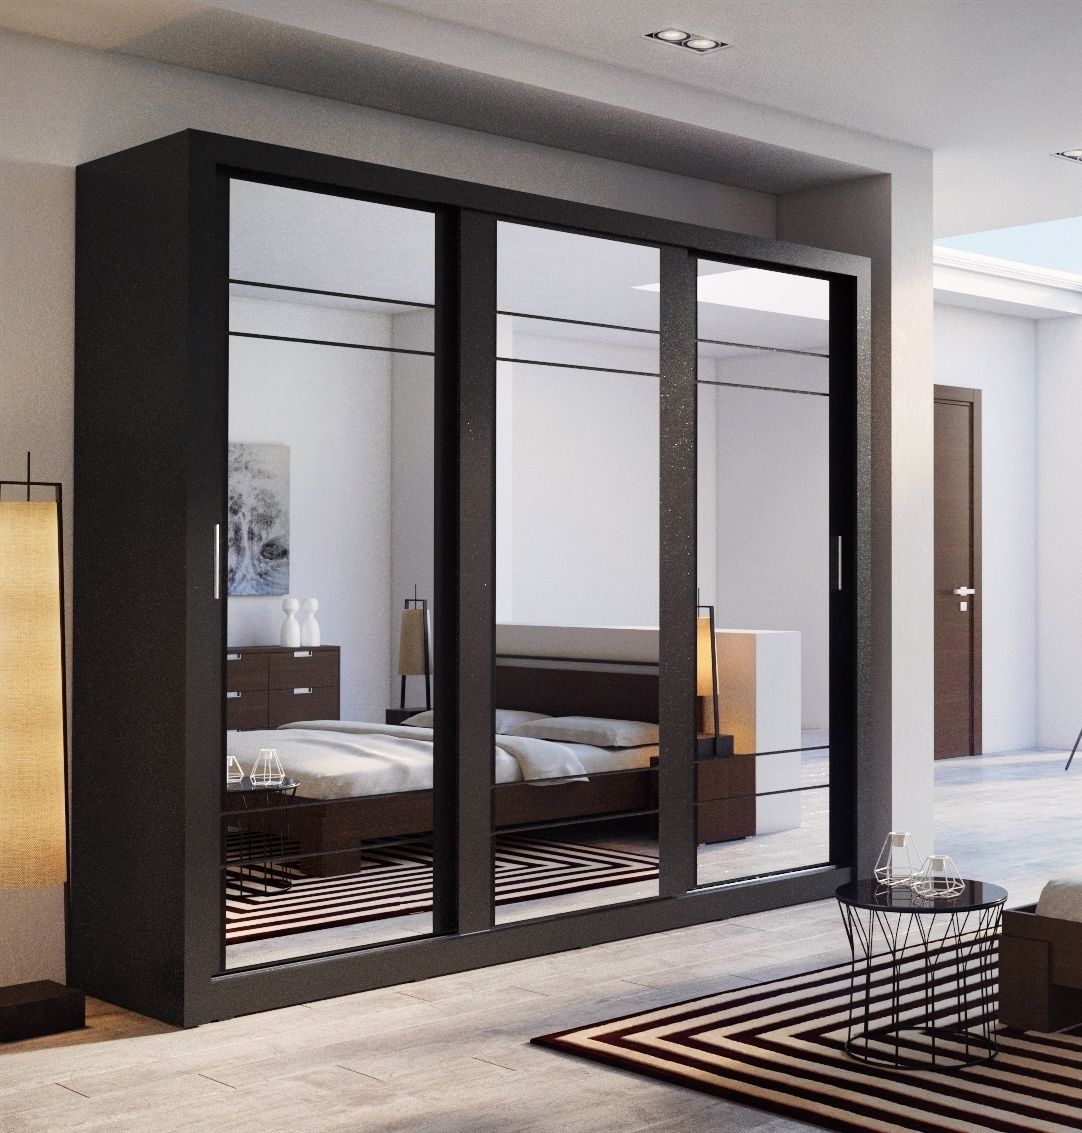 Brand New Modern Bedroom Sliding Door Mirror Wardrobe Arti